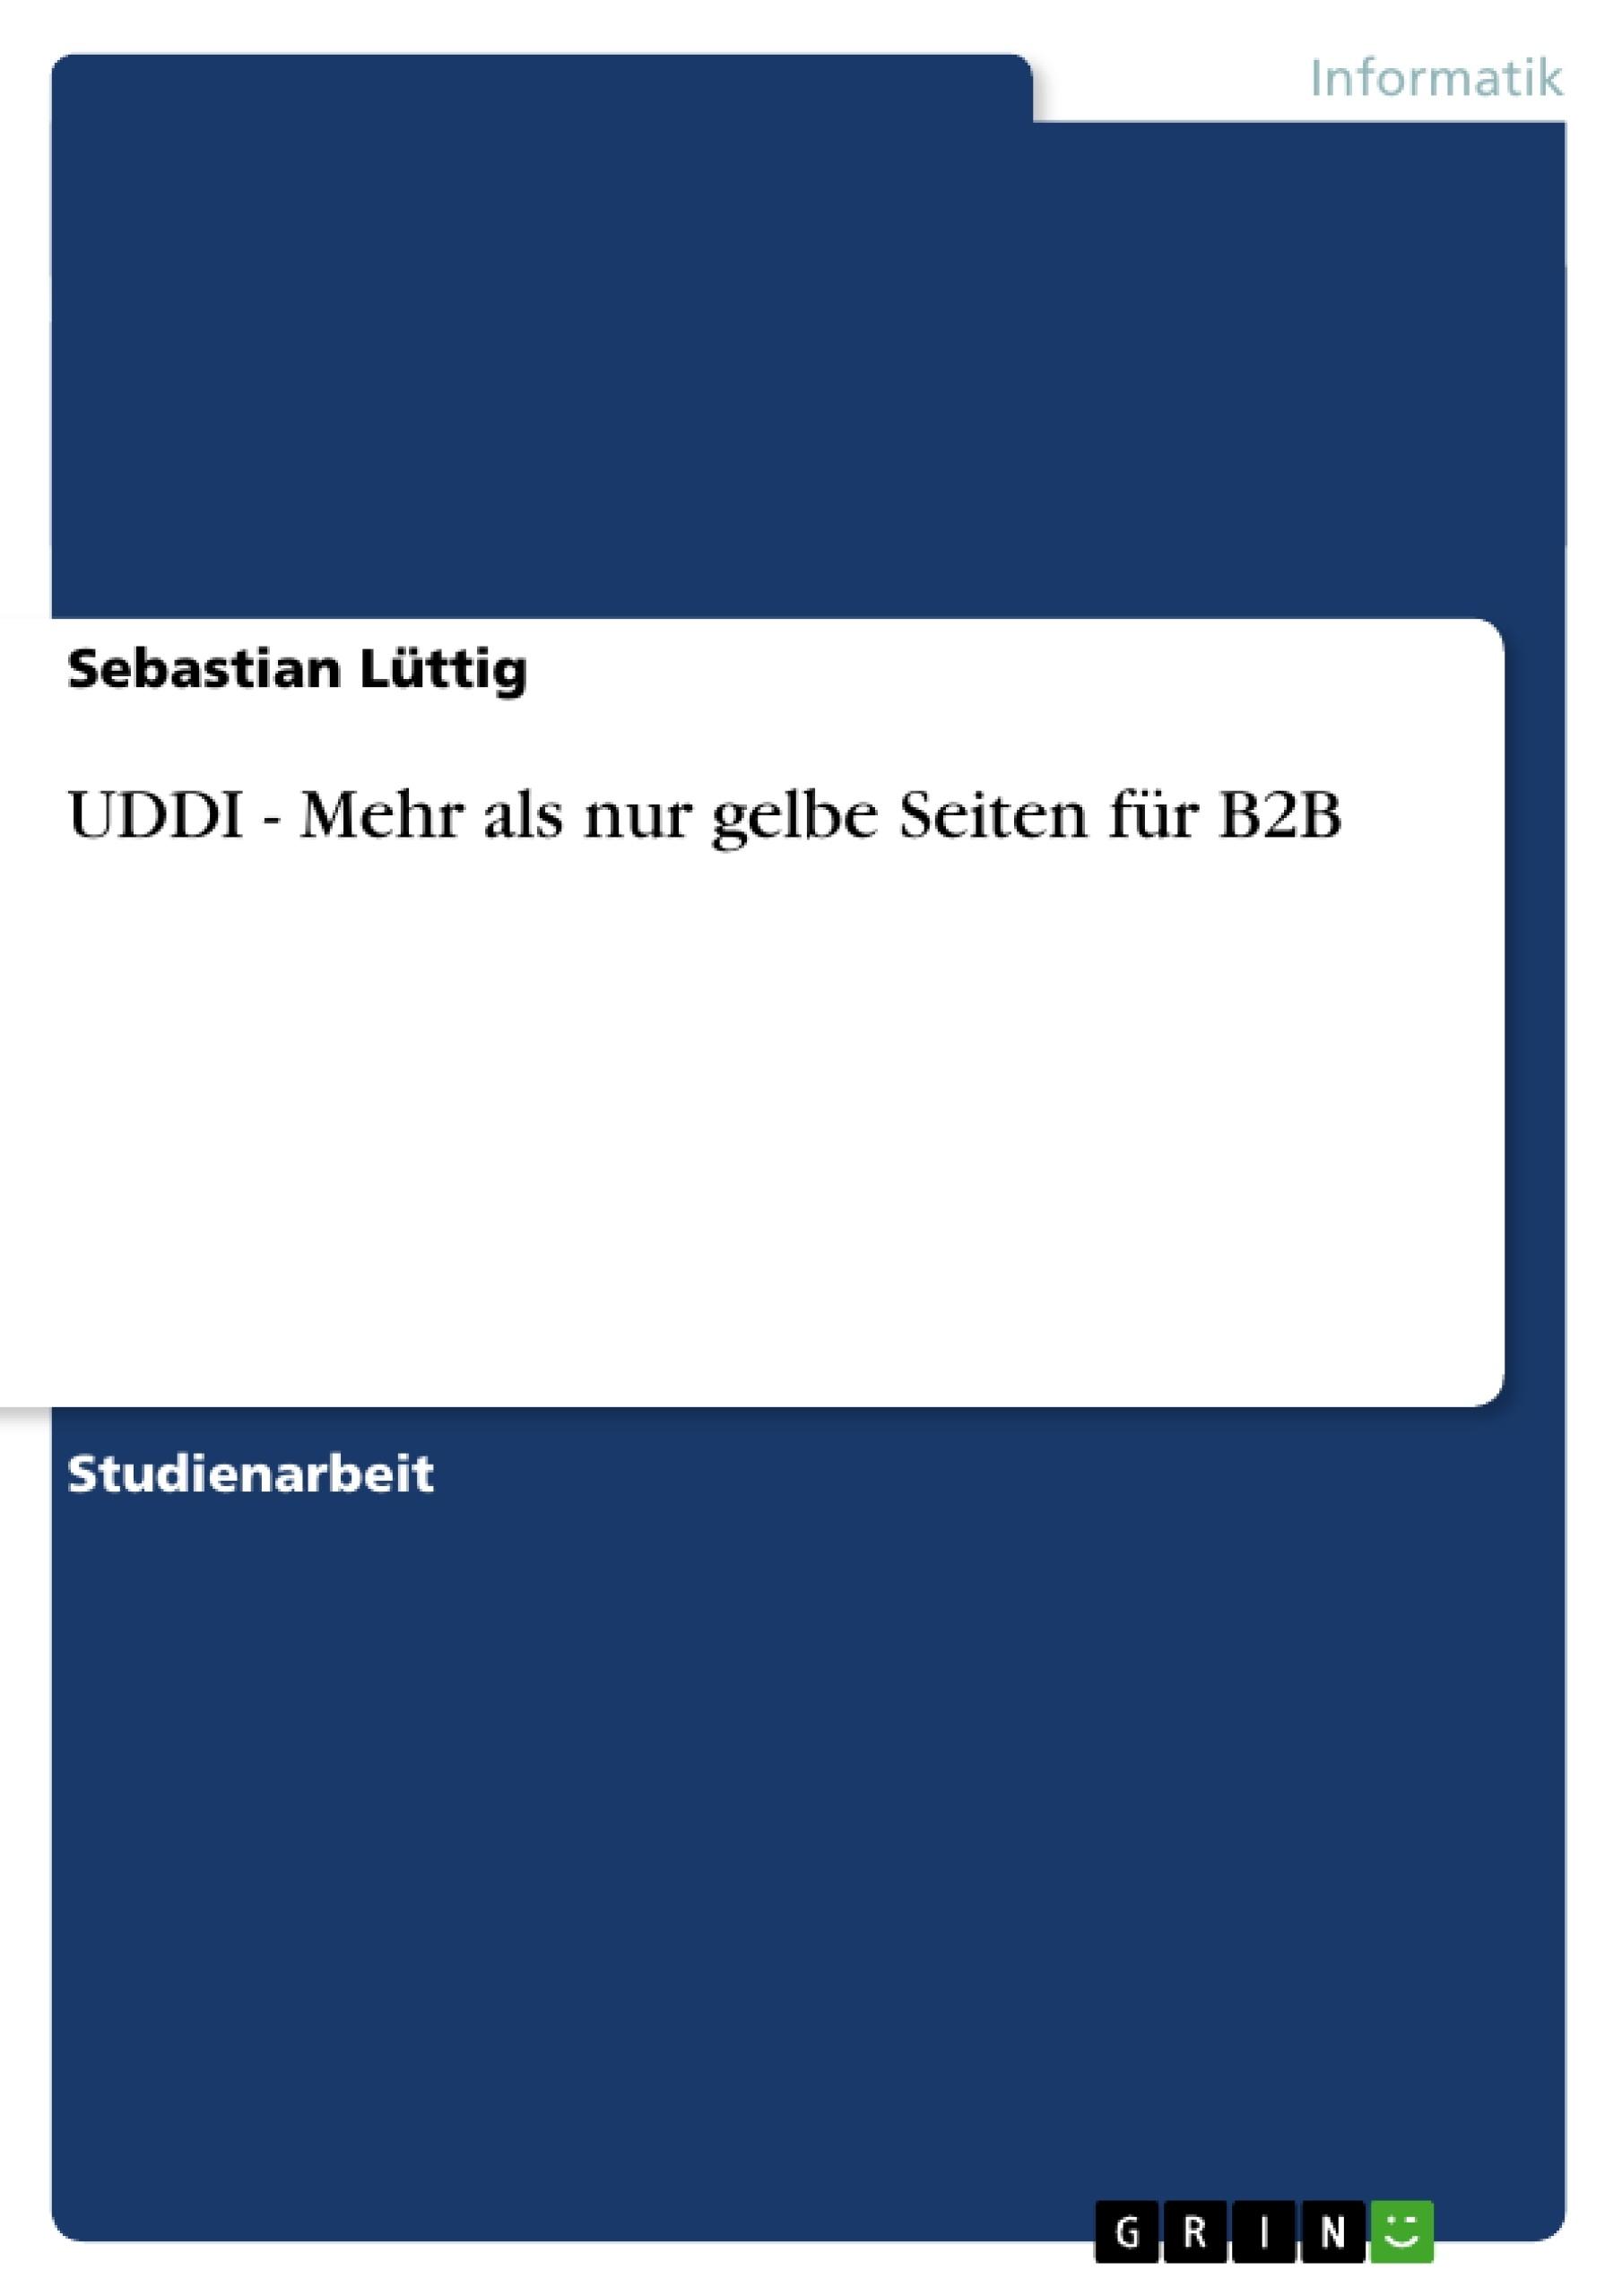 Titel: UDDI - Mehr als nur gelbe Seiten für B2B